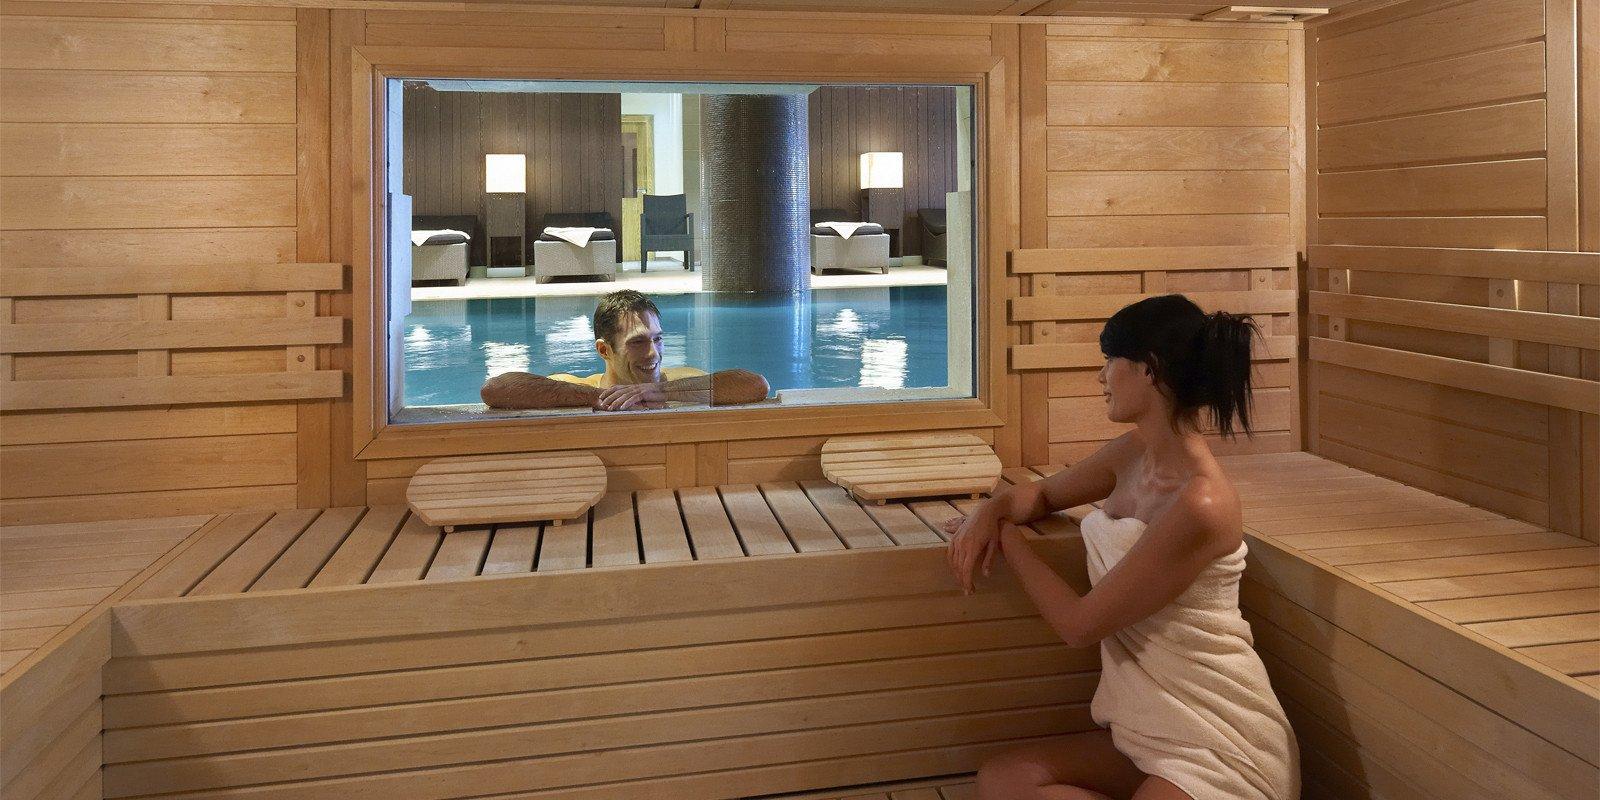 Meglio Bagno Turco O Sauna.Devi Costruire Il Bagno Turco O La Sauna Finlandese